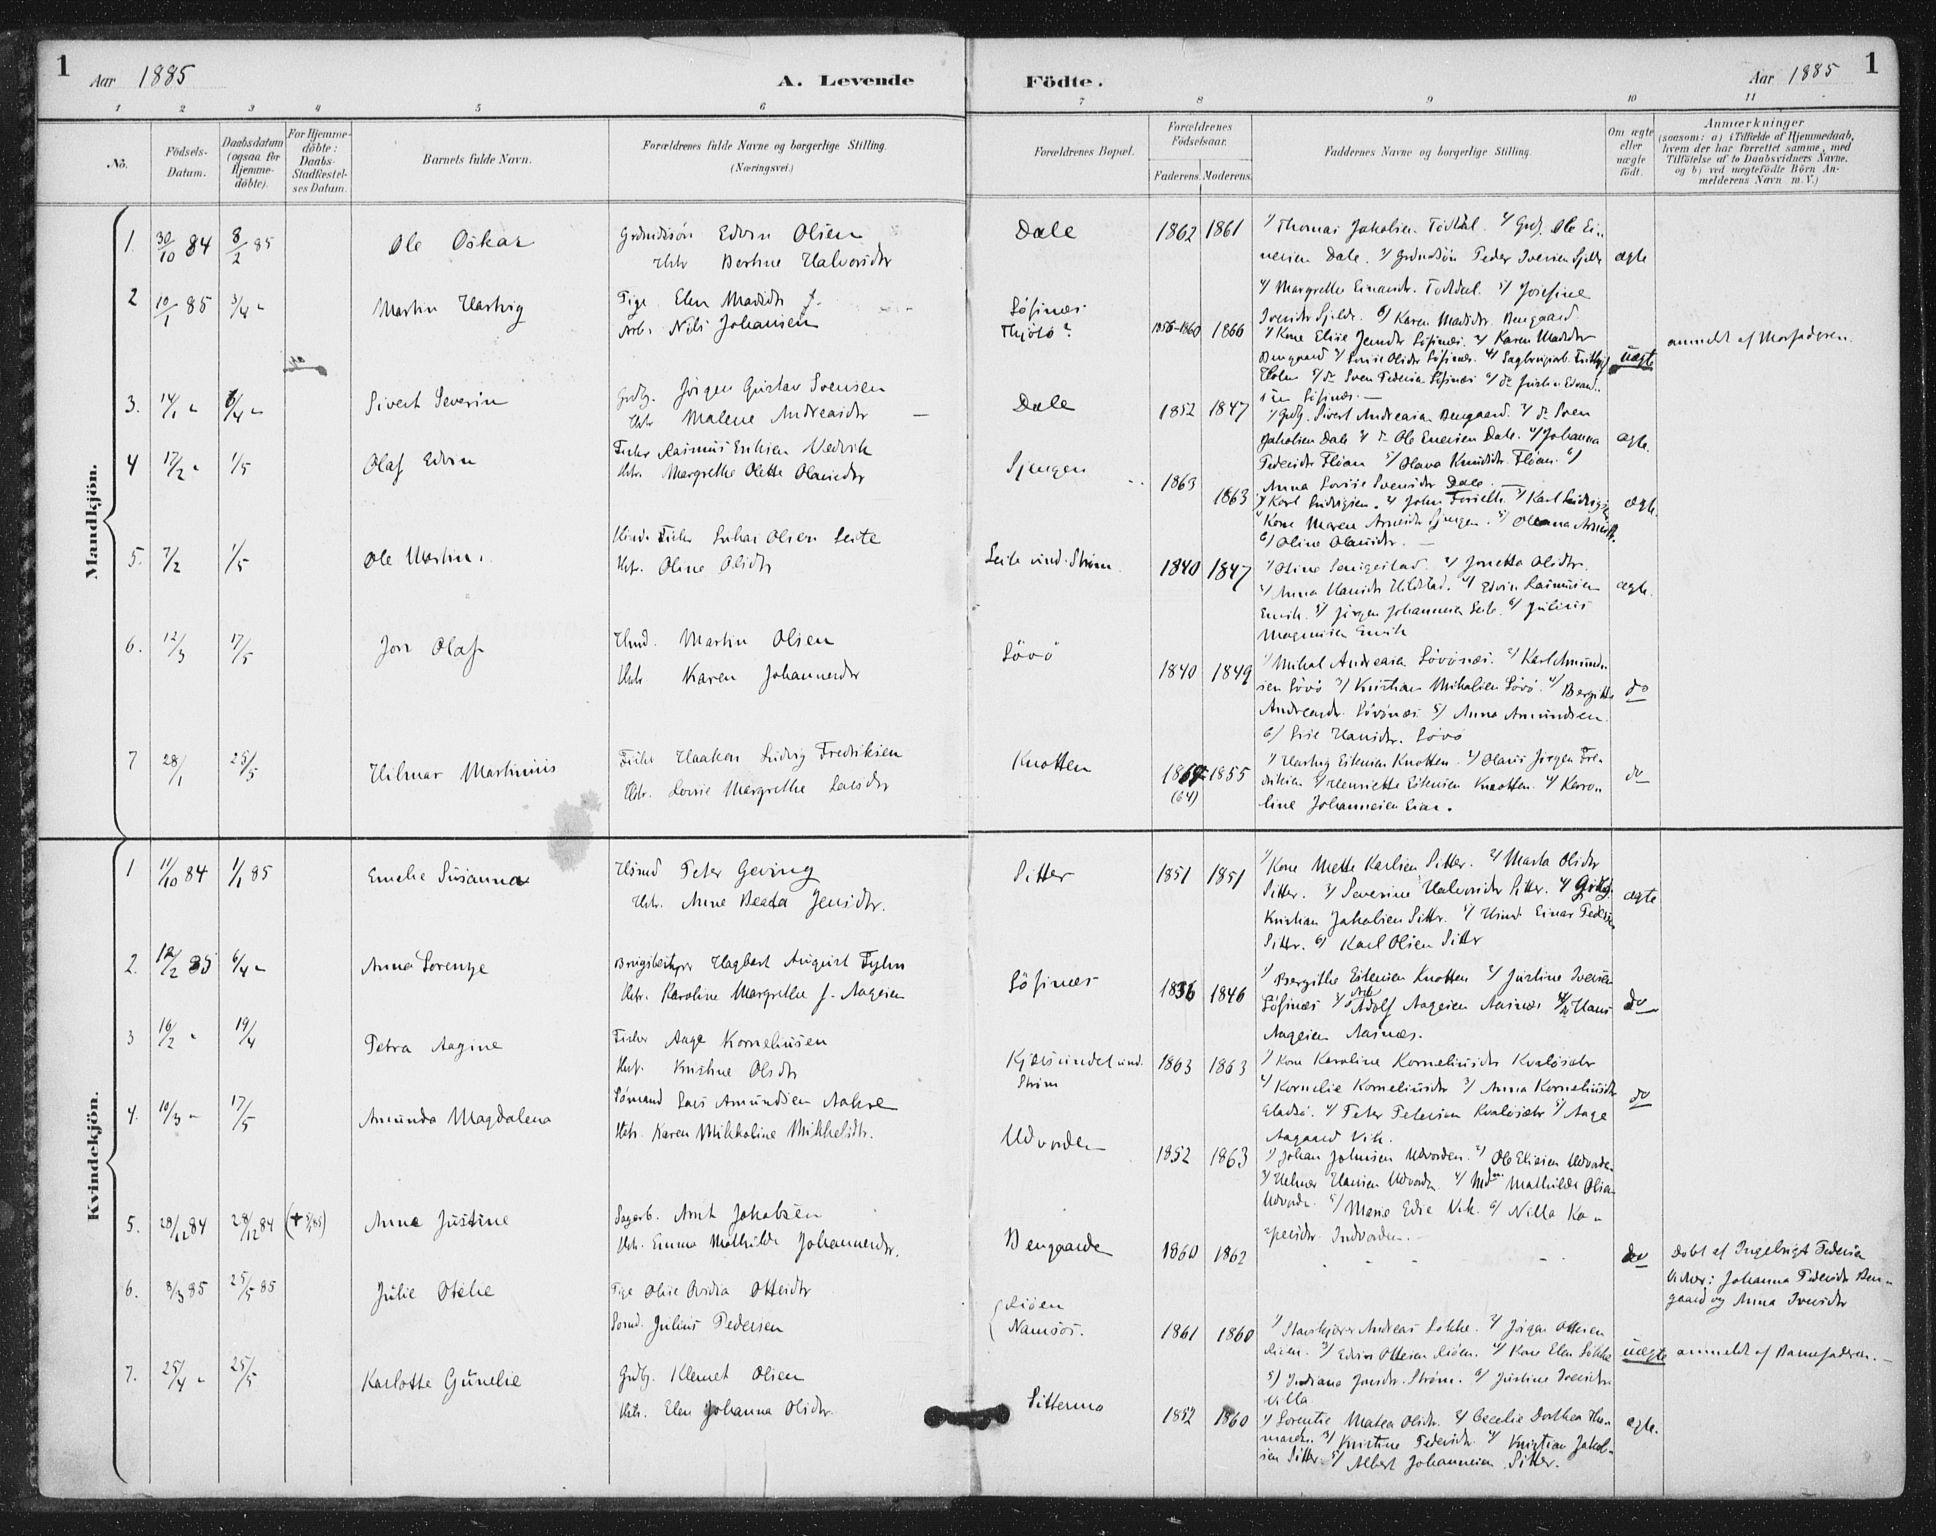 SAT, Ministerialprotokoller, klokkerbøker og fødselsregistre - Nord-Trøndelag, 772/L0603: Ministerialbok nr. 772A01, 1885-1912, s. 1